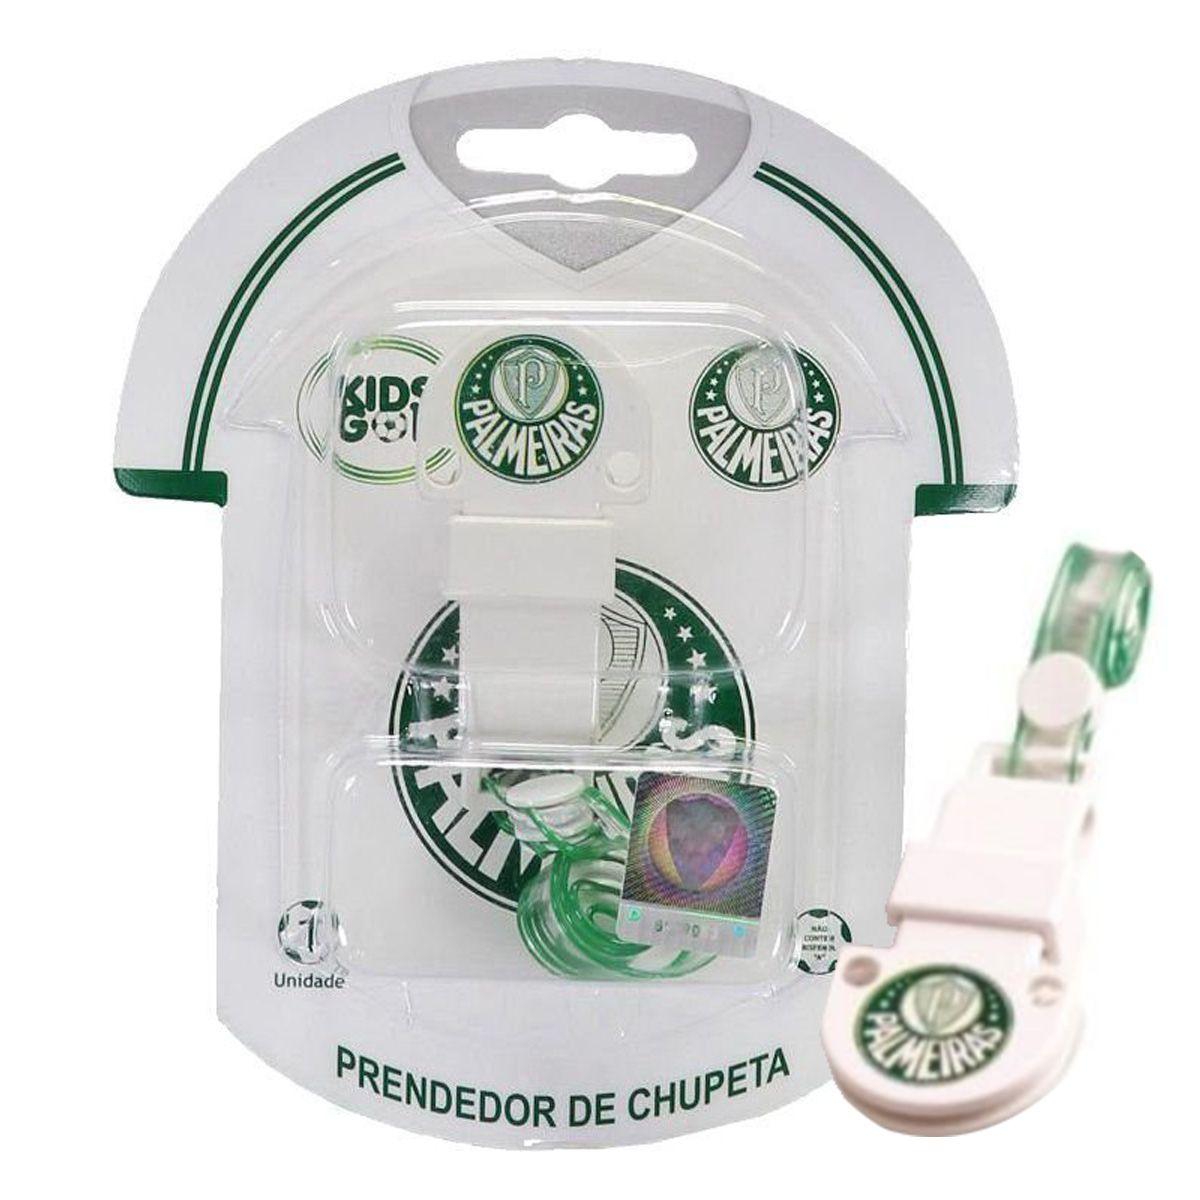 Prendedor de Chupeta do Palmeiras